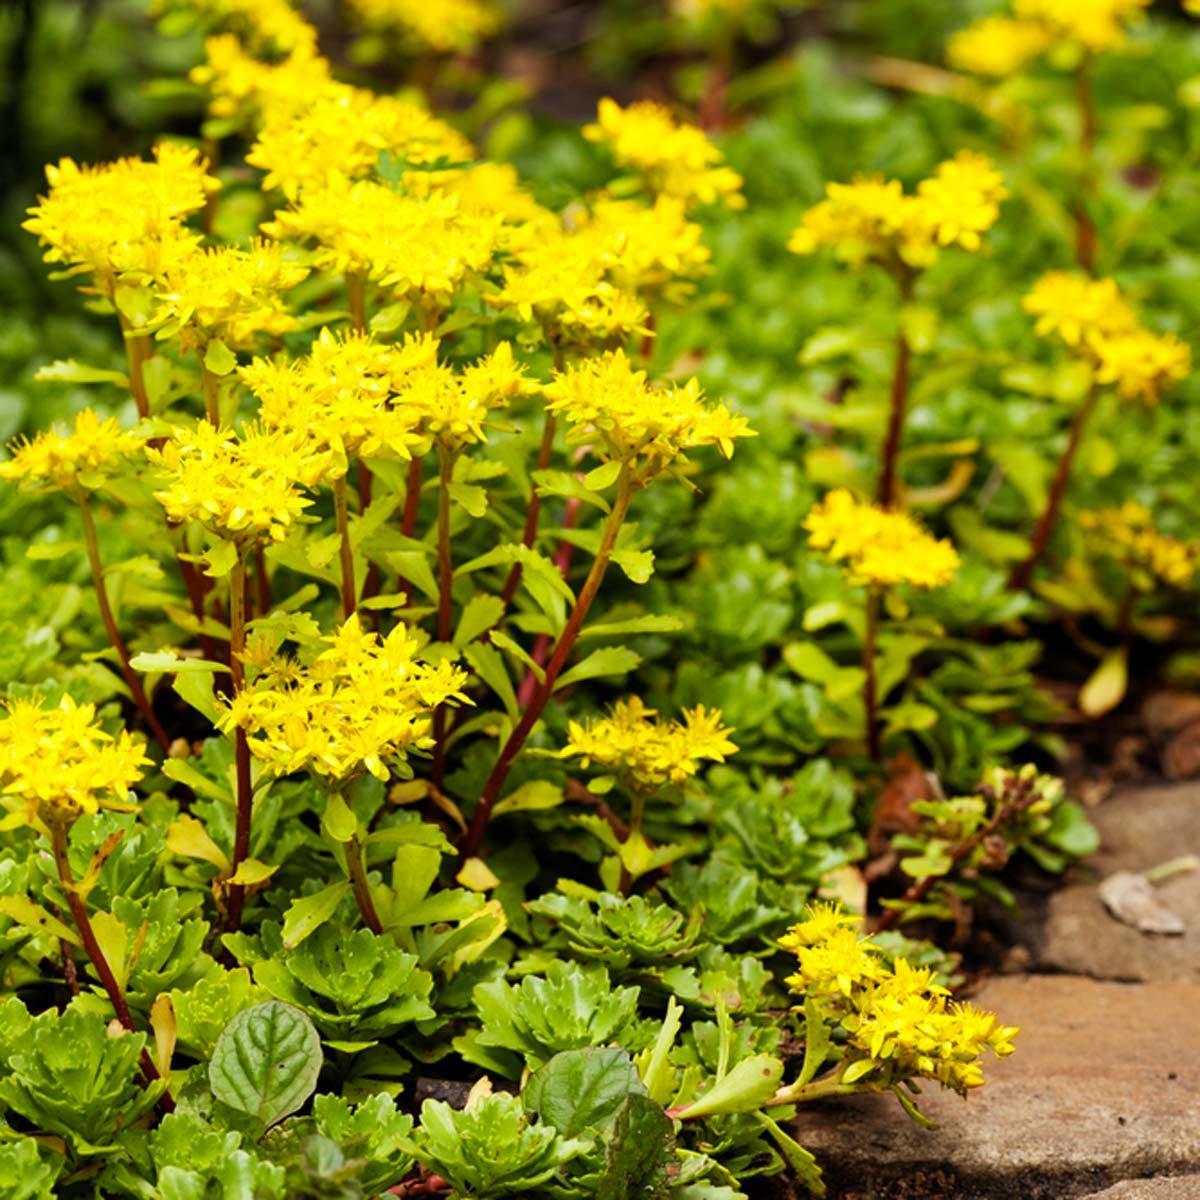 Aménagement paysager : choisissez des plantes dont la taille correspond à l'espace du jardin.